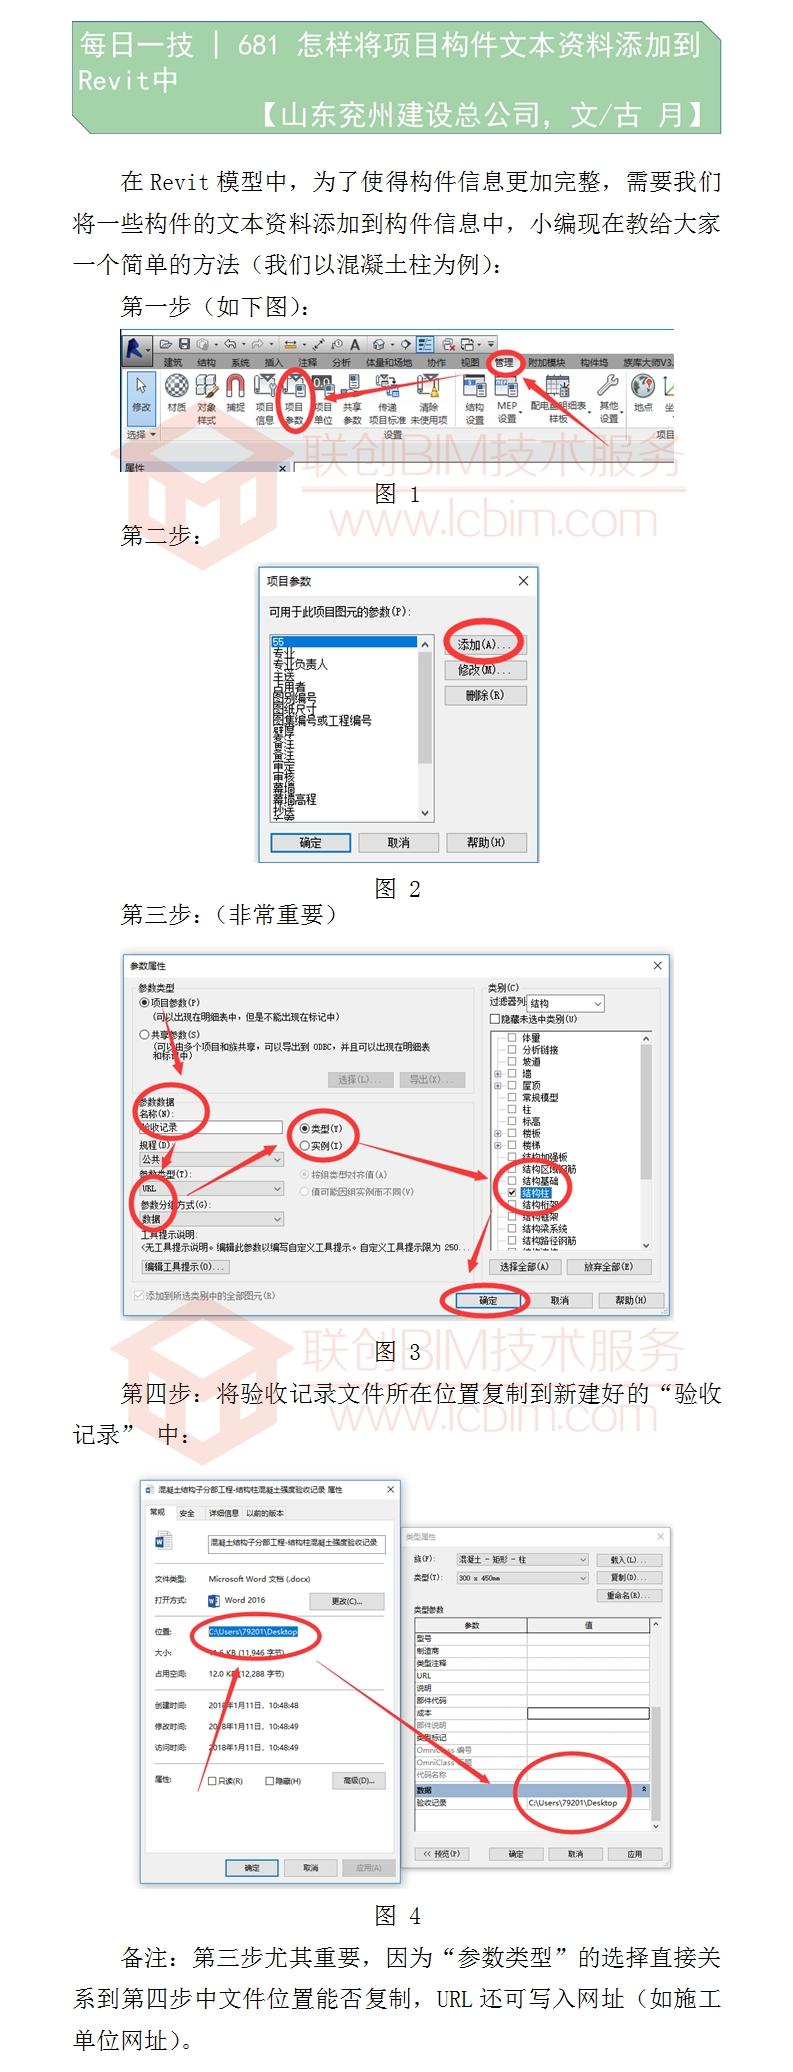 681 怎样将项目构件文本资料添加到Revit中.jpg